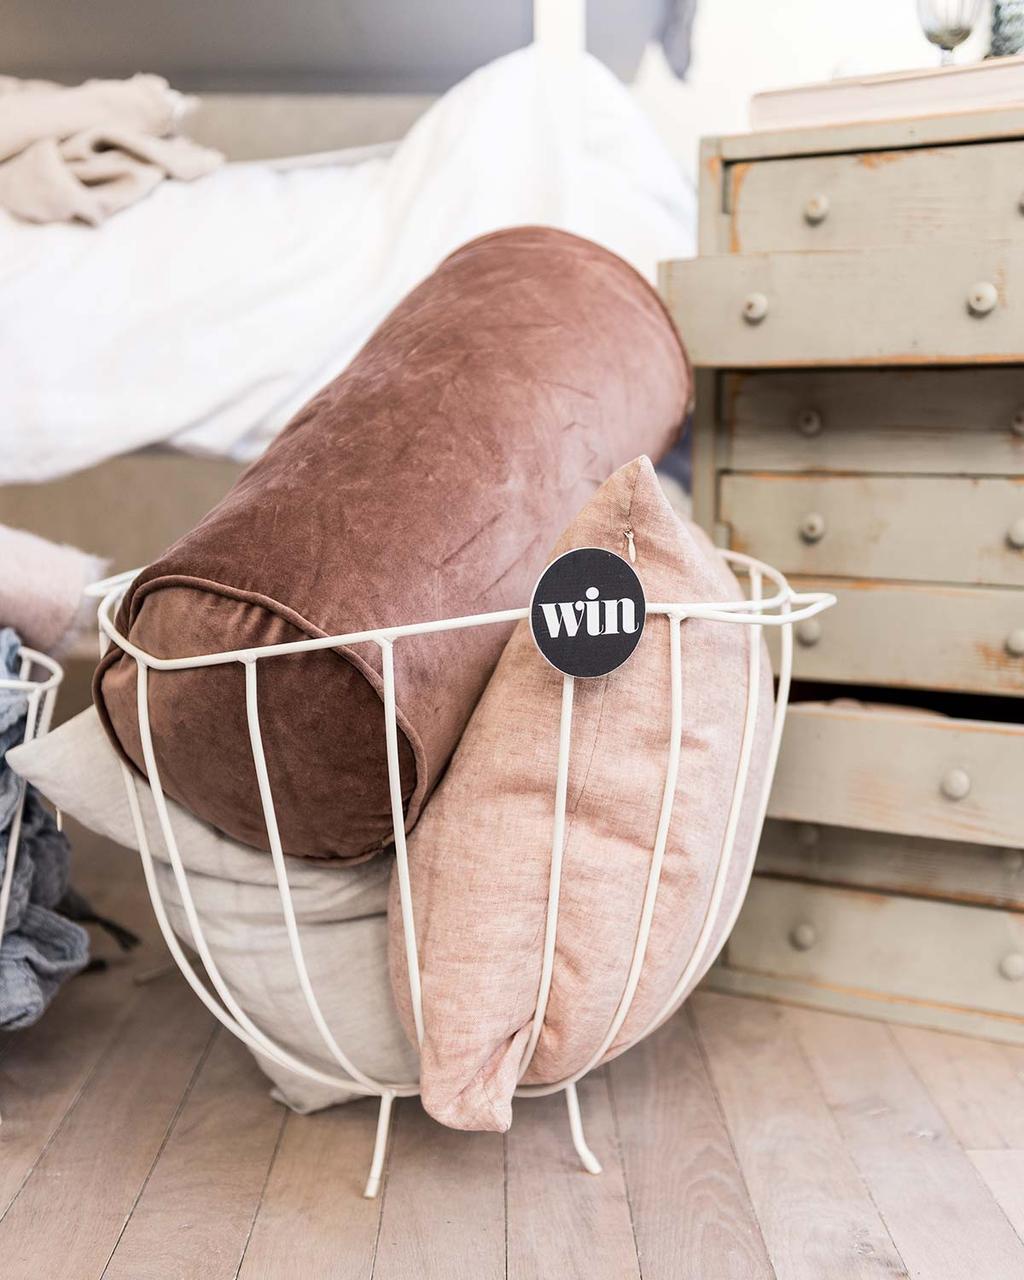 Slaapkamer in het vtwonen huis: win een witte draadmand van k'willeminhuis